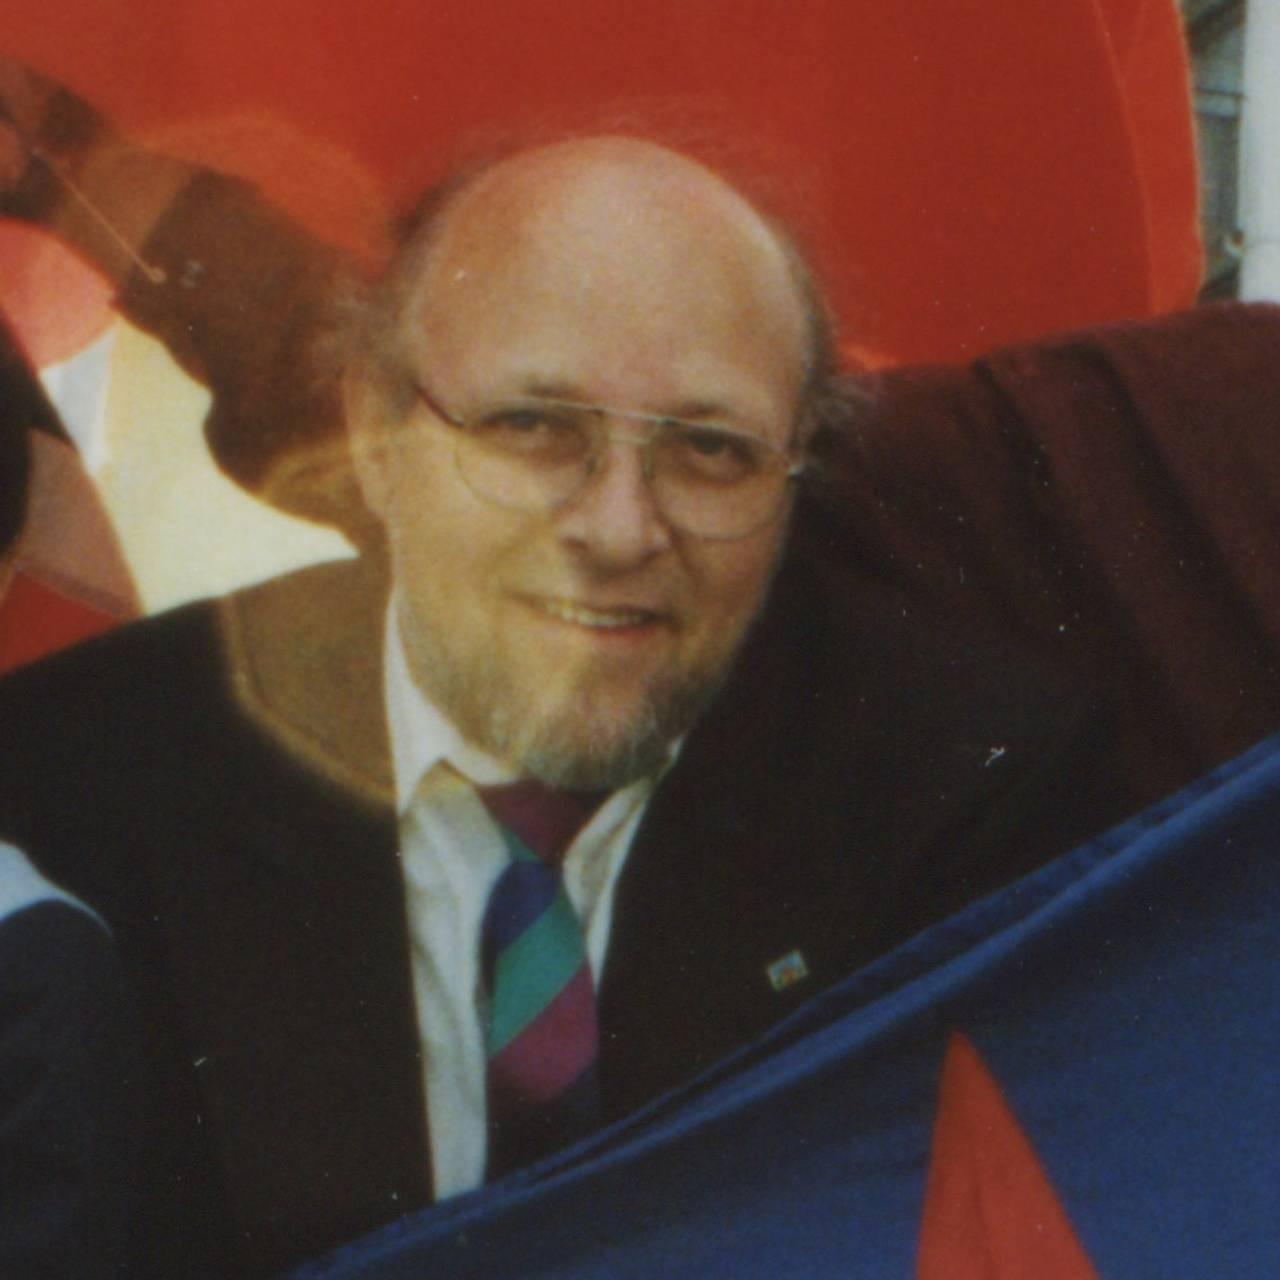 Nils Einar Stablum